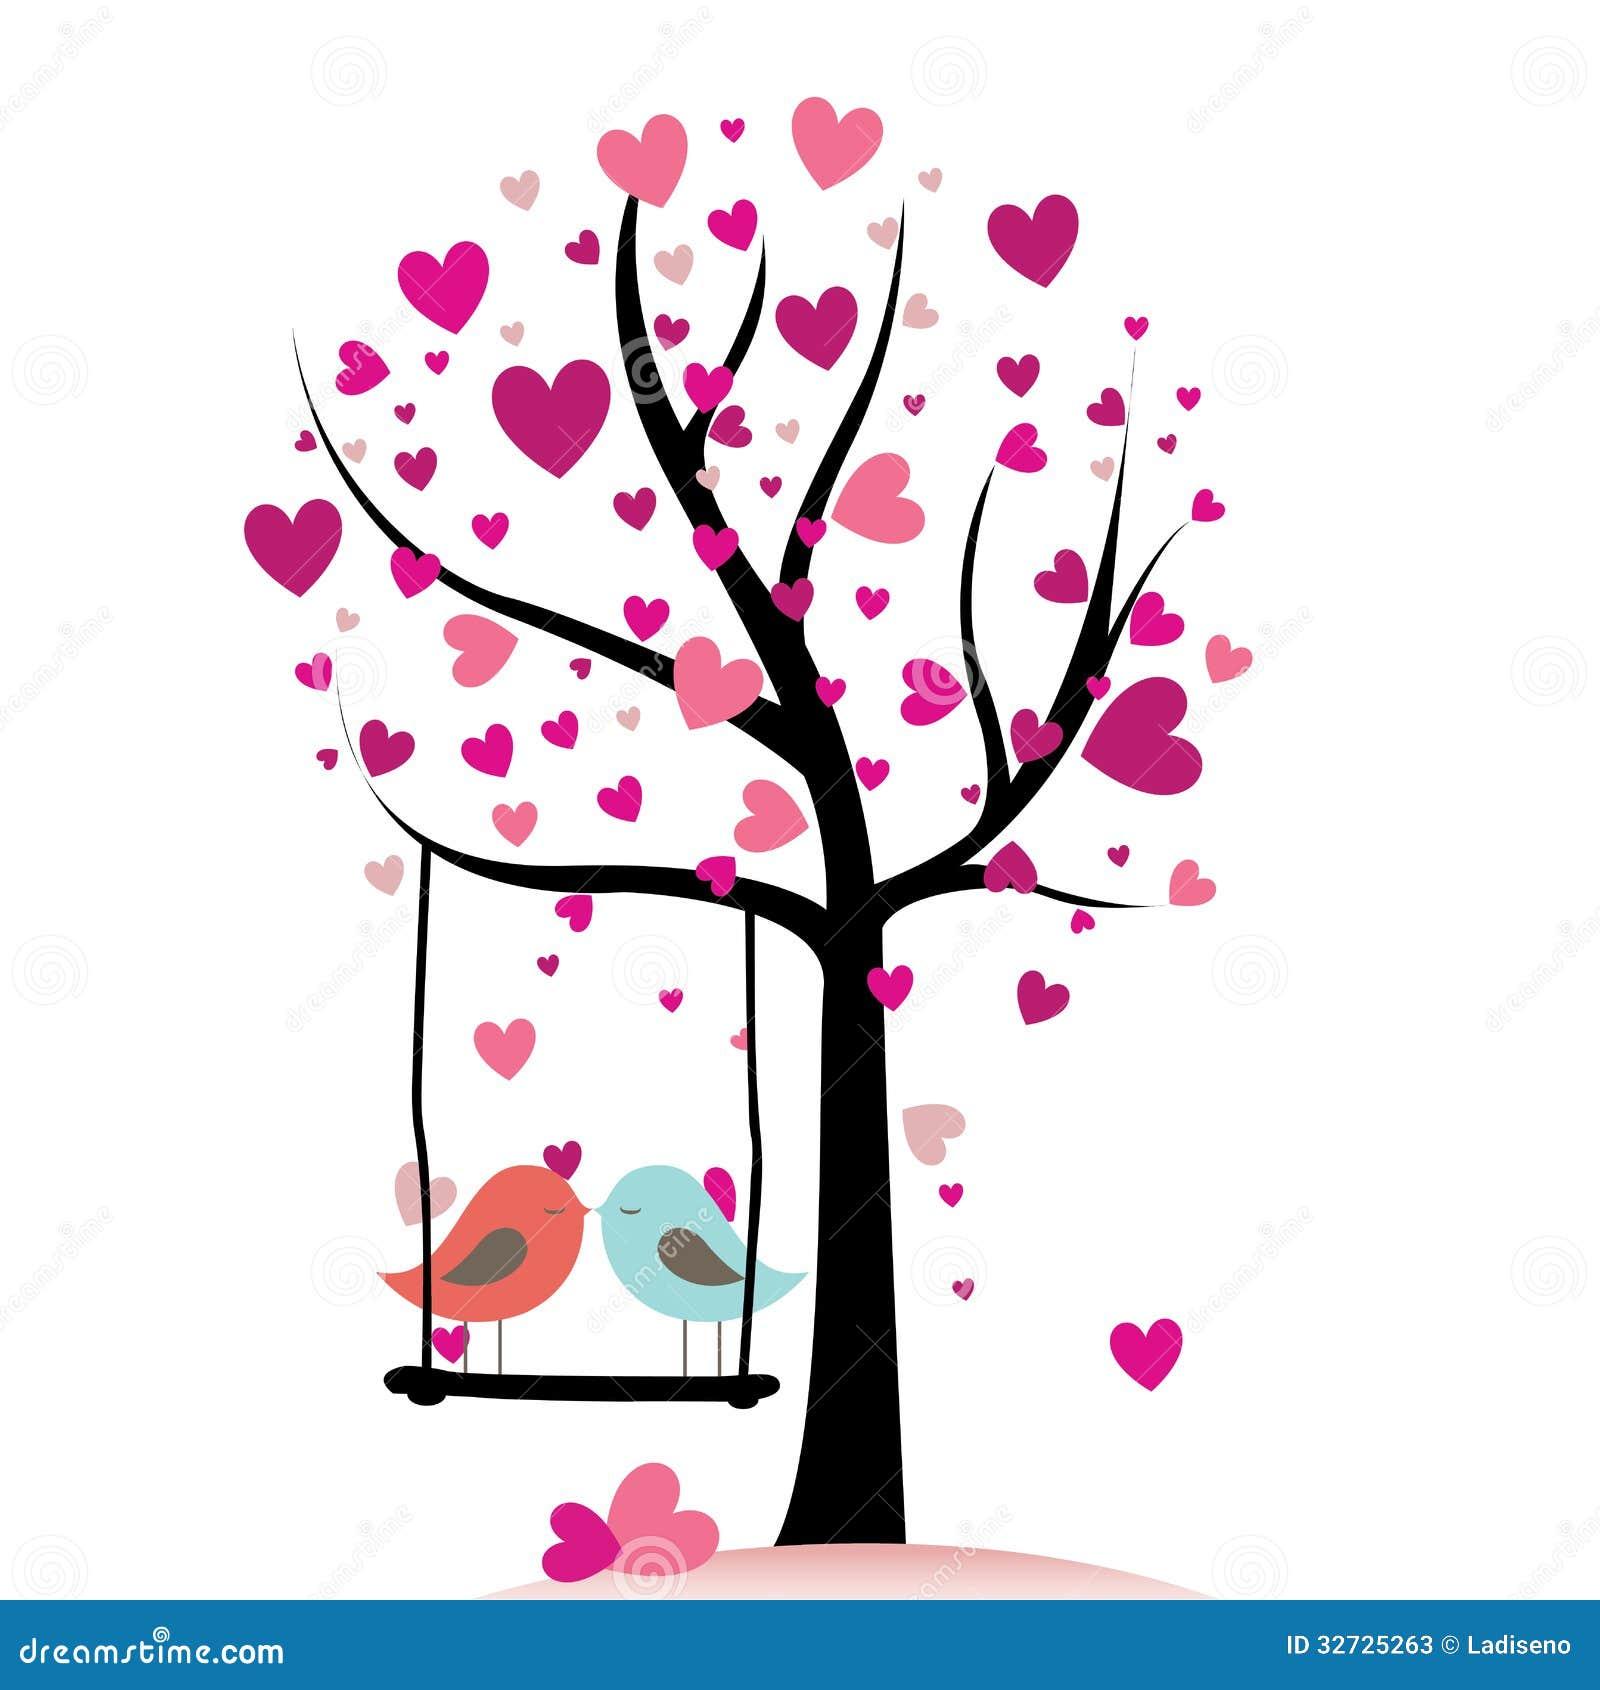 Wedding Tree Invitation as nice invitations ideas